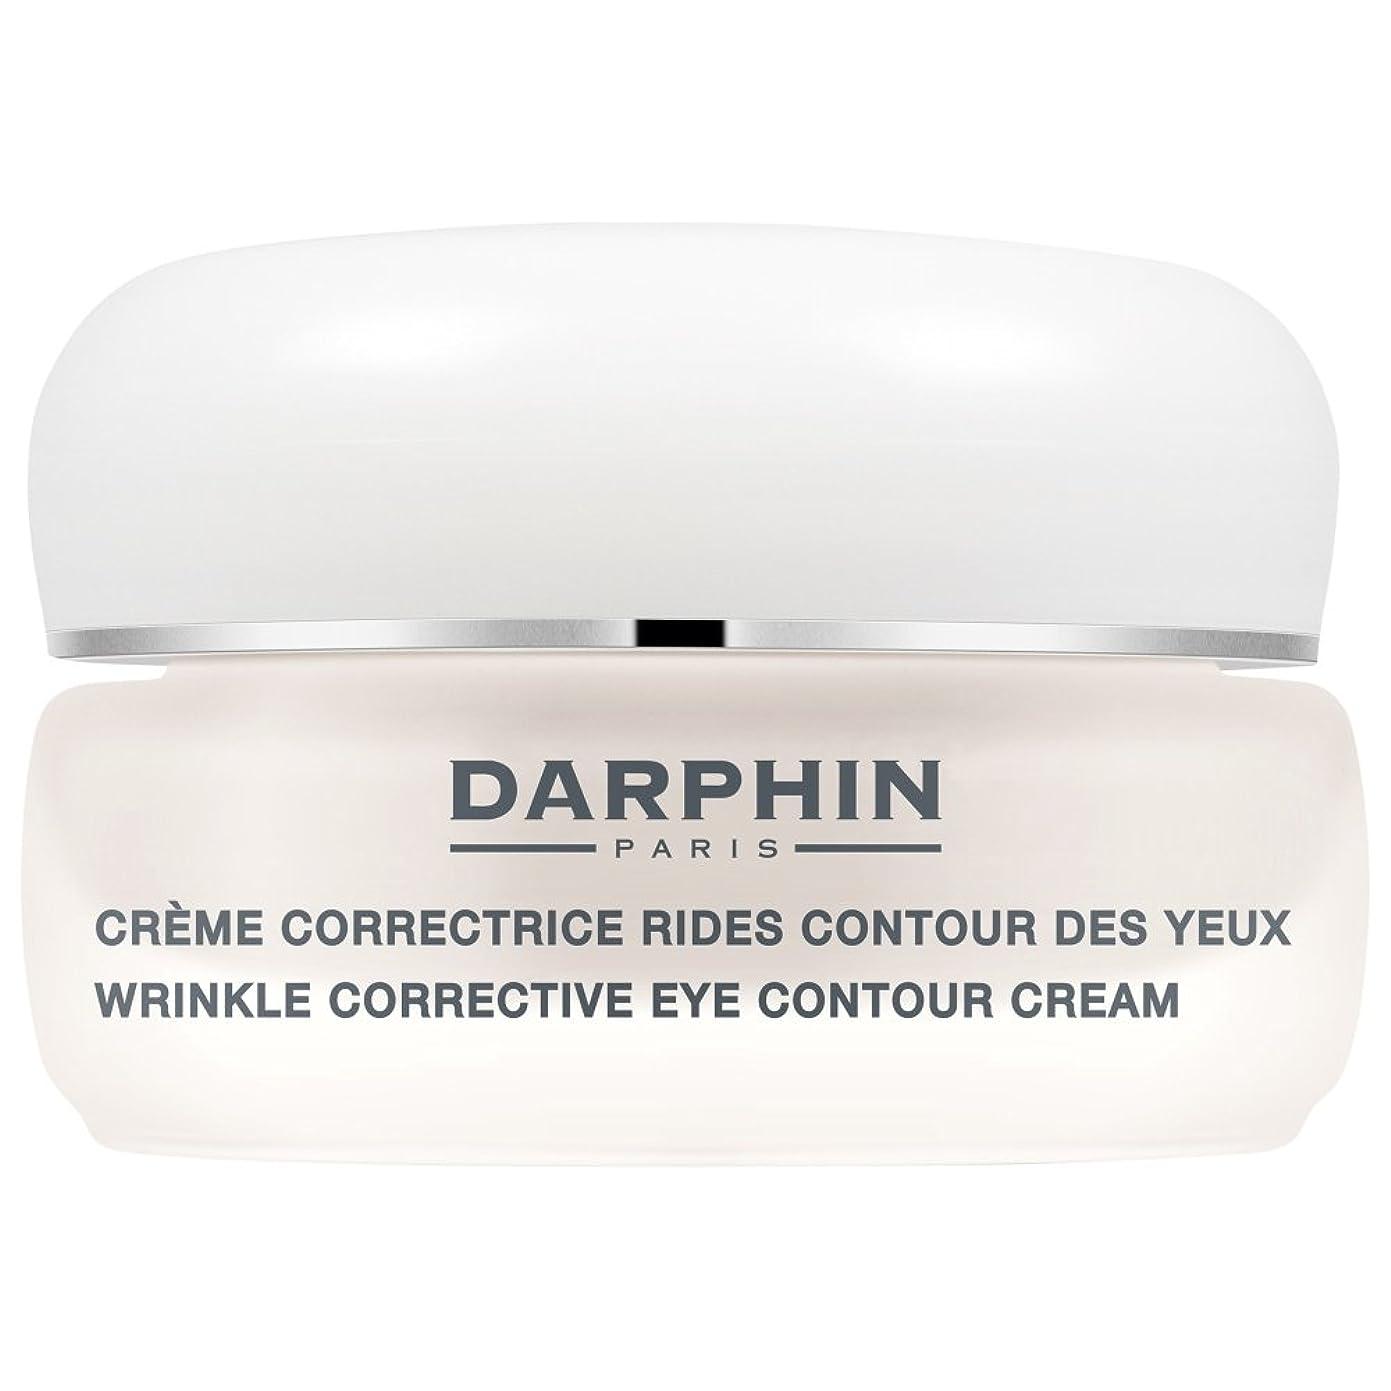 巡礼者パット理論的ダルファンのシワ矯正アイ輪郭クリーム15ミリリットル (Darphin) - Darphin Wrinkle Corrective Eye Contour Cream 15ml [並行輸入品]